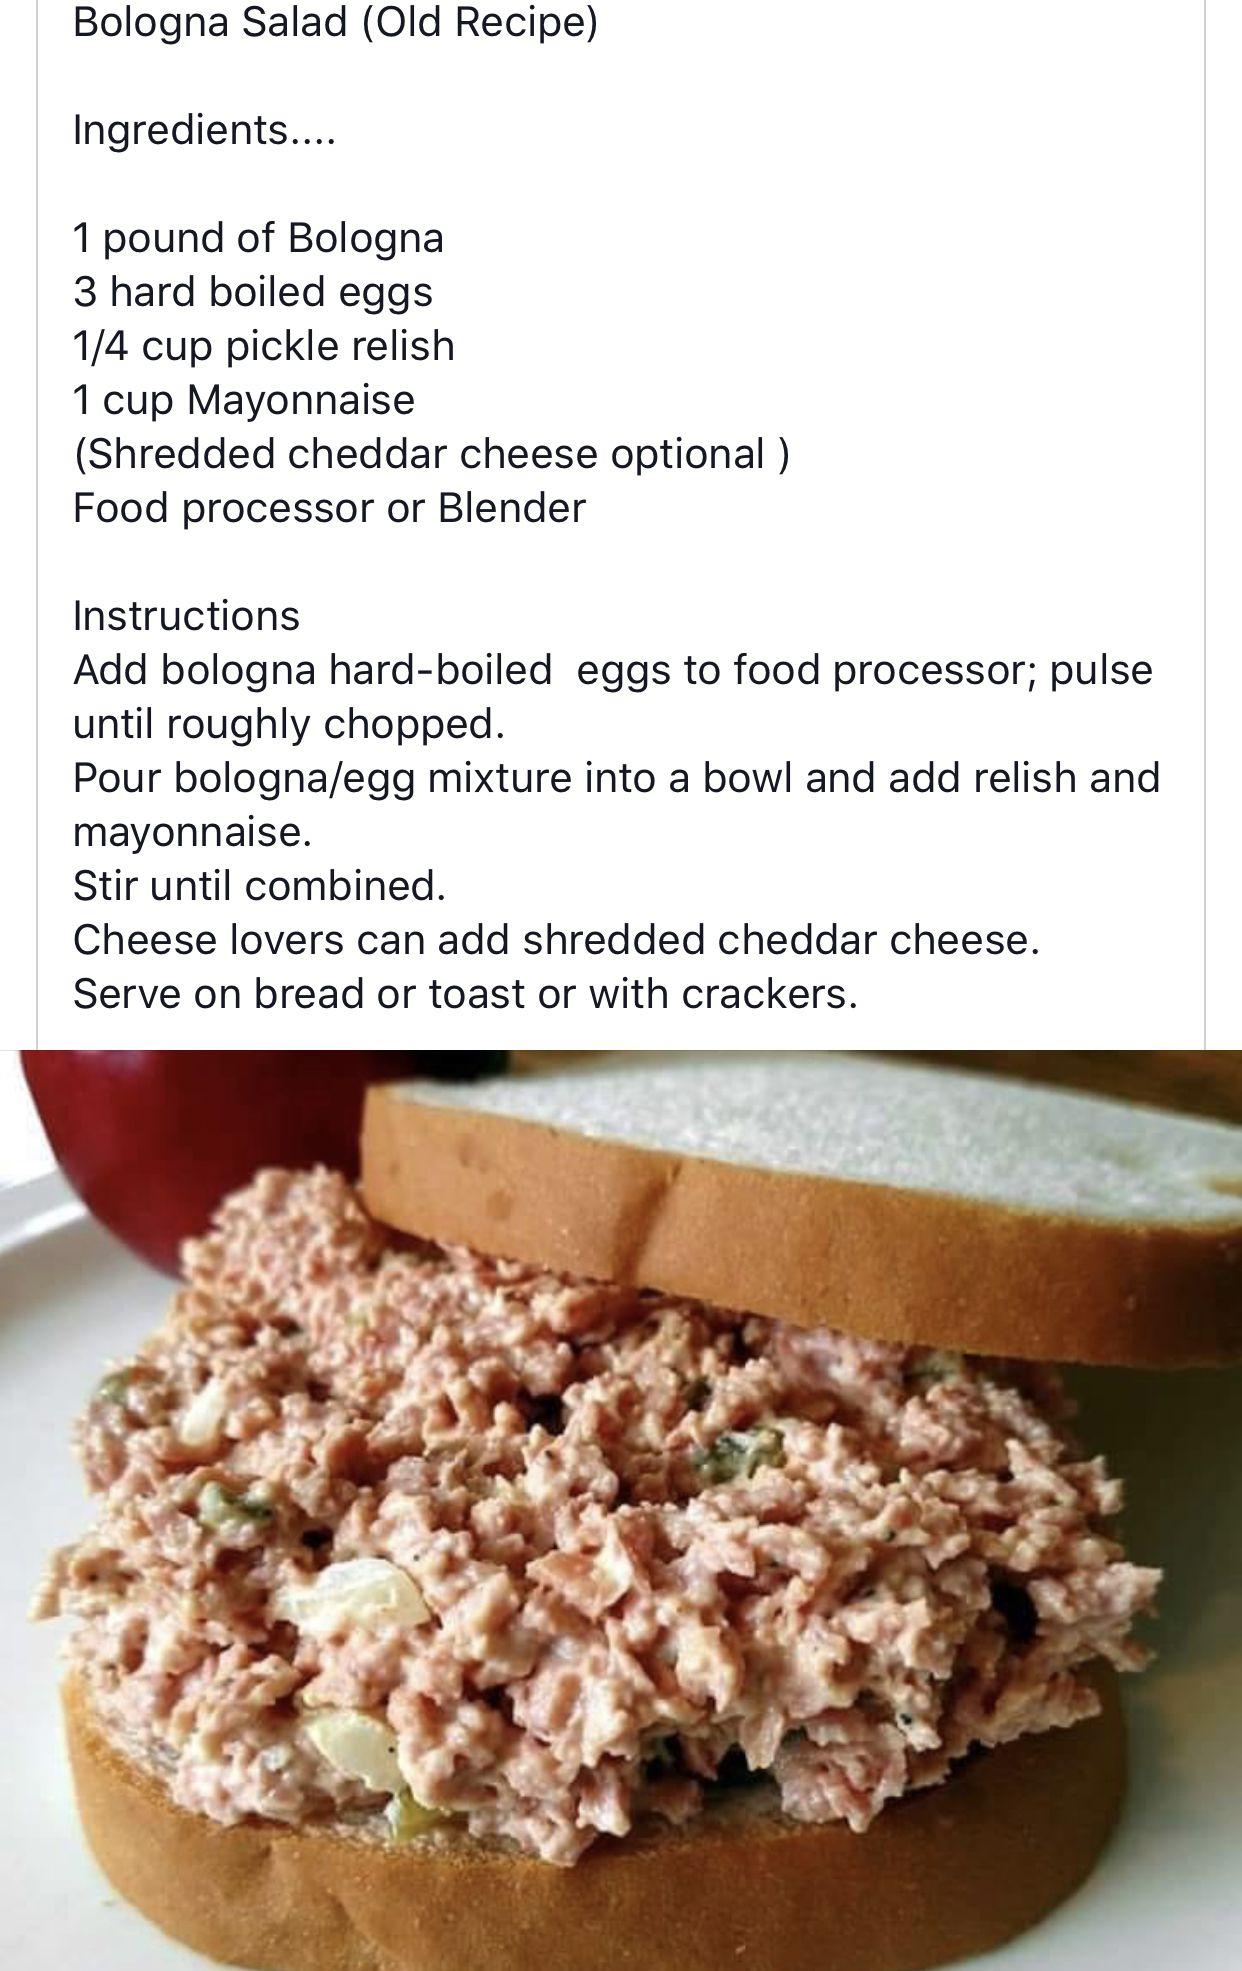 Ham Salad Recipes With Bologna